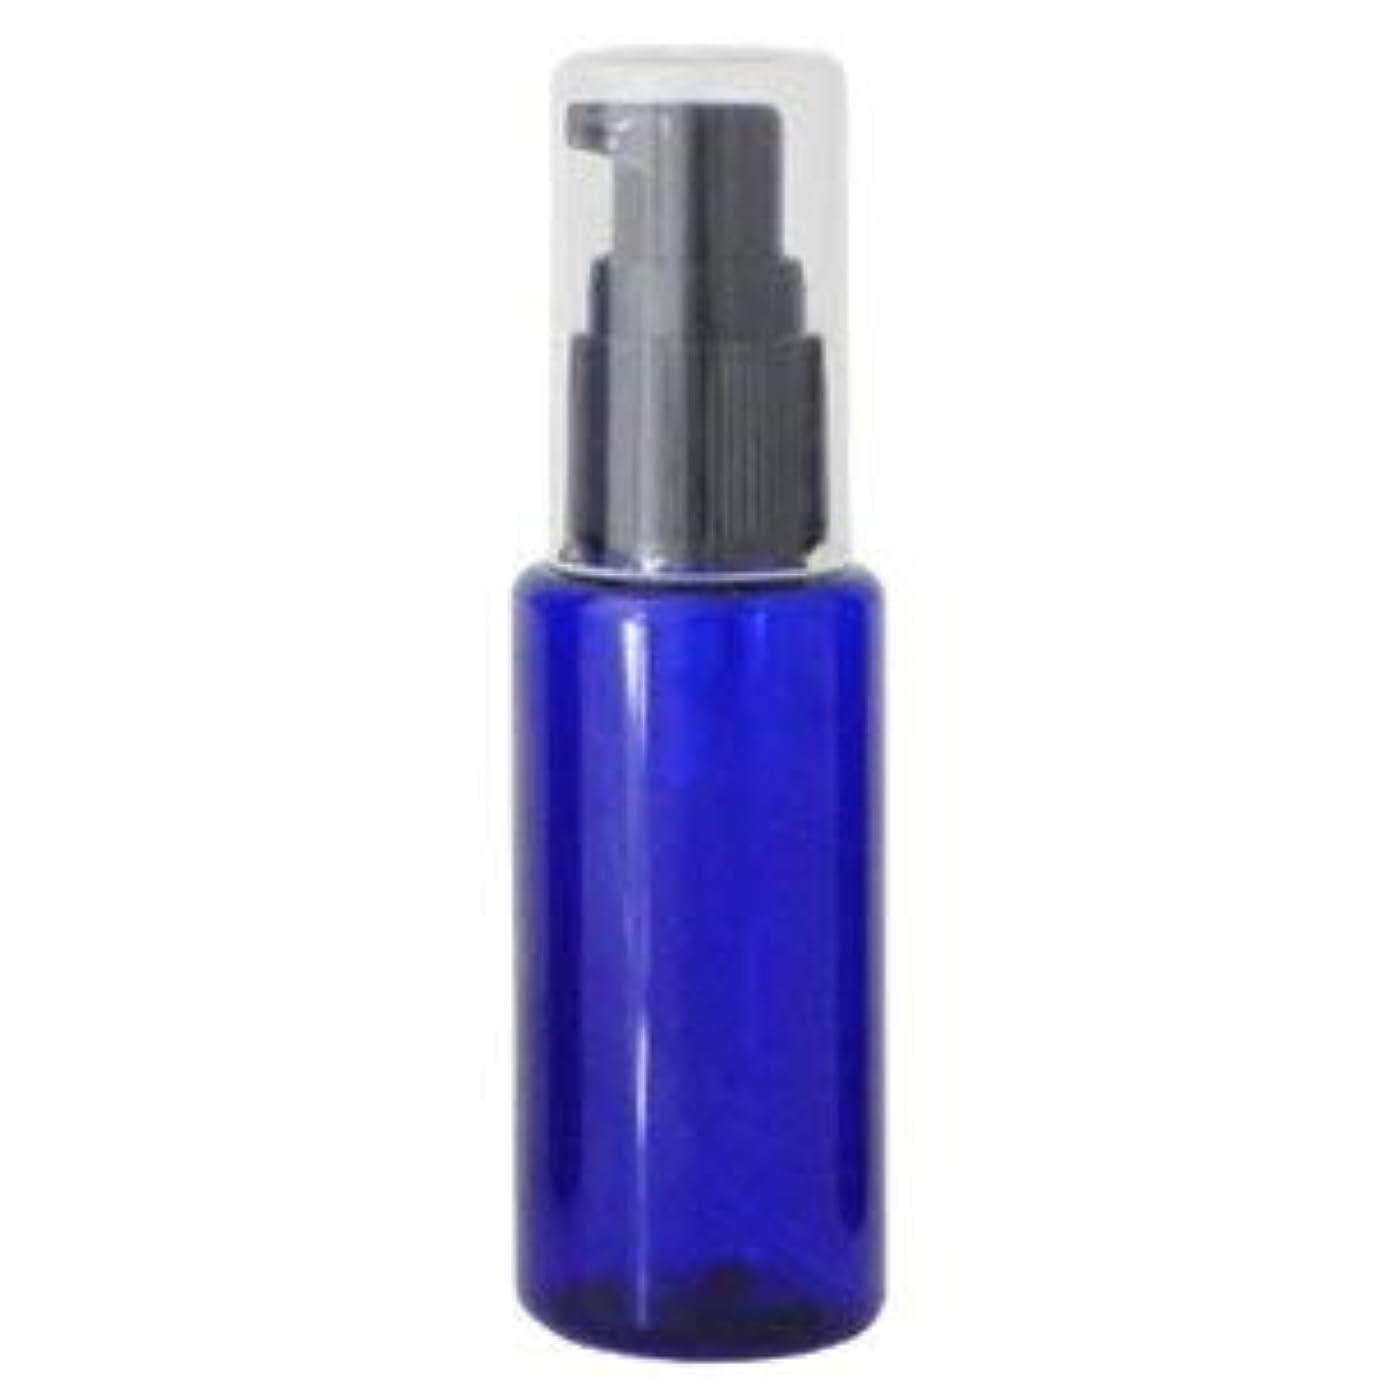 PETボトル ポンプ コバルトブルー (青) 50ml